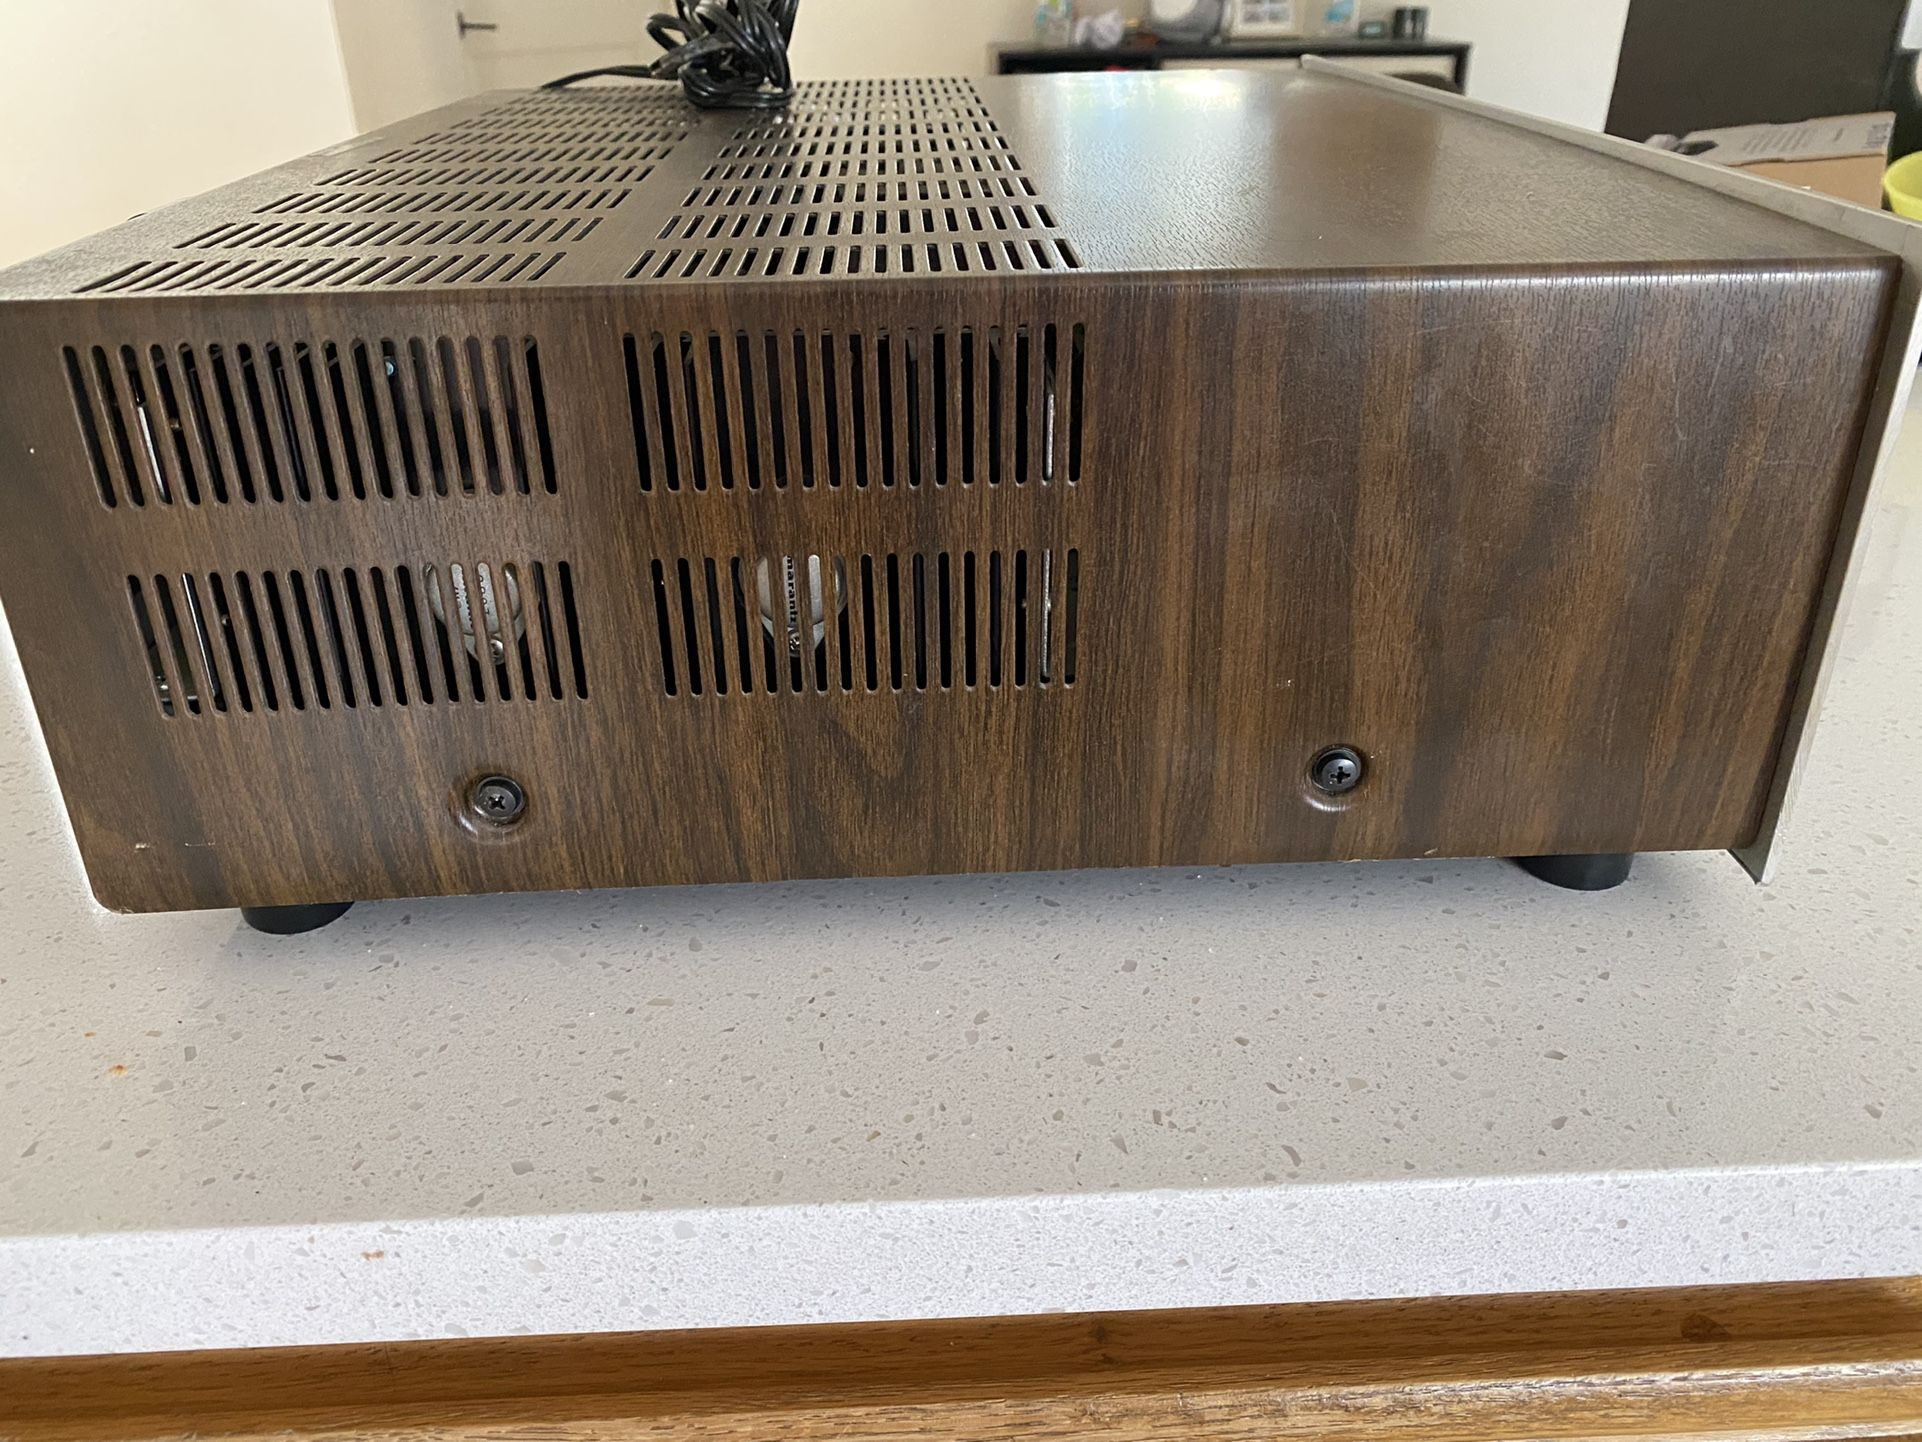 Marantz 2230 Amplifier Serviced In 2021